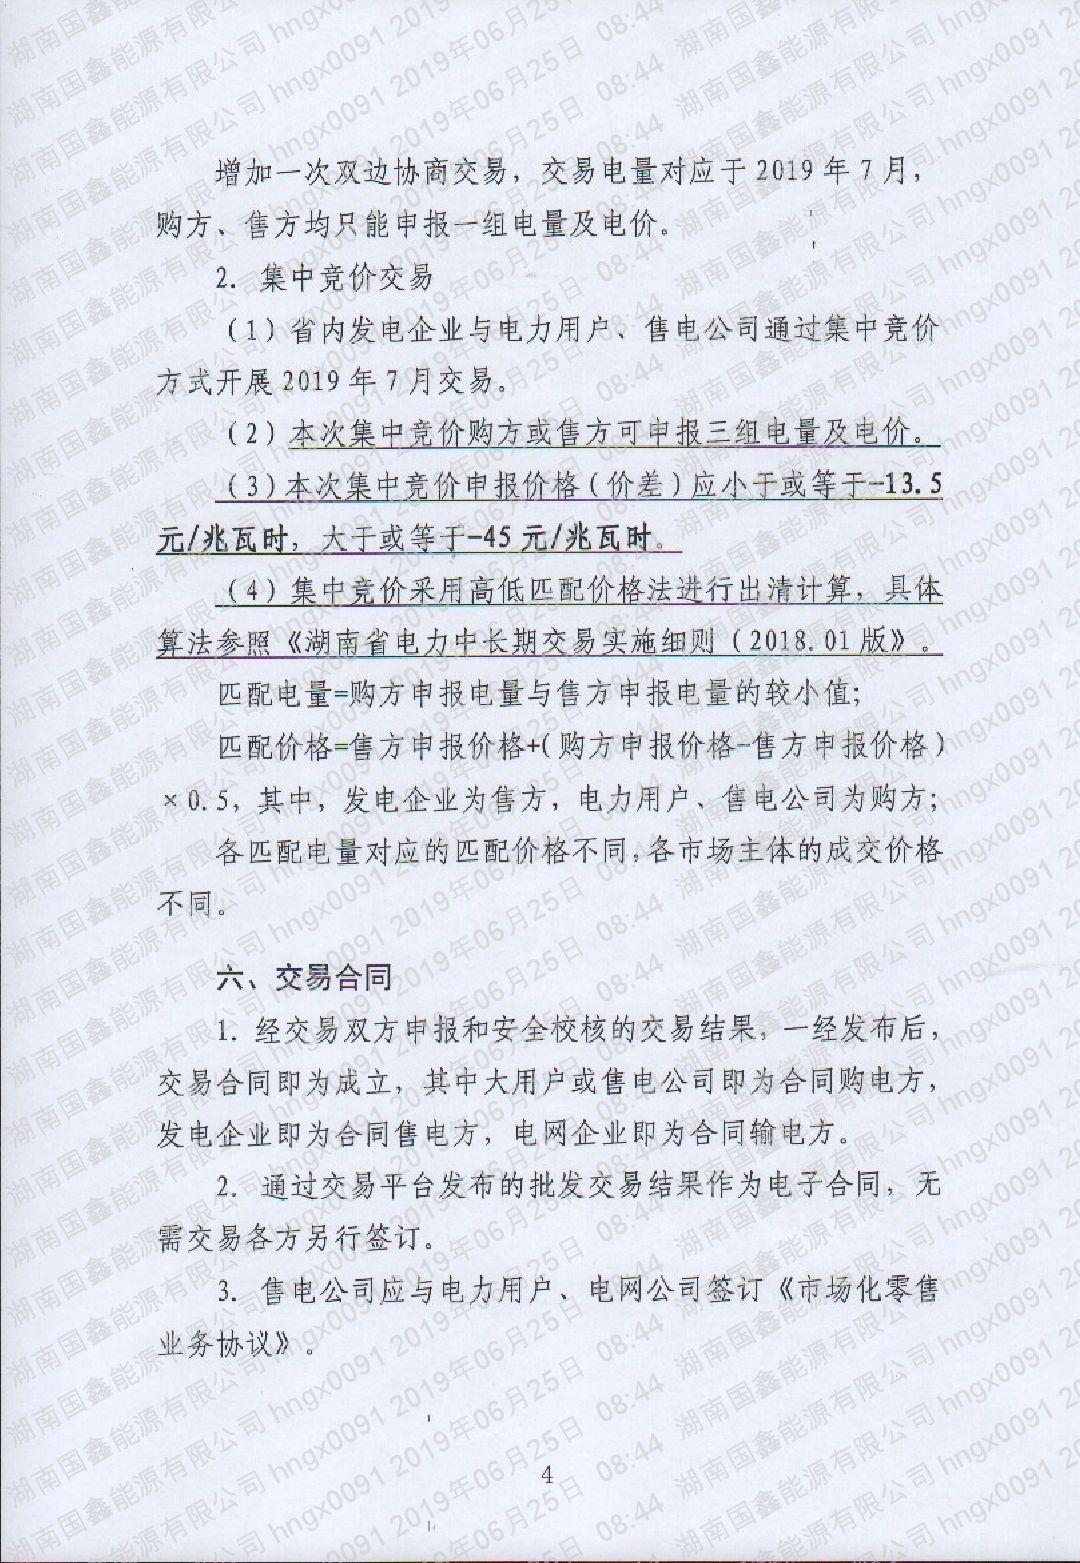 湖南電力交易中心有限公司關于2019年7月電力市場交易的公告(2019年13號).pdf_page_4_compressed_compressed.jpg